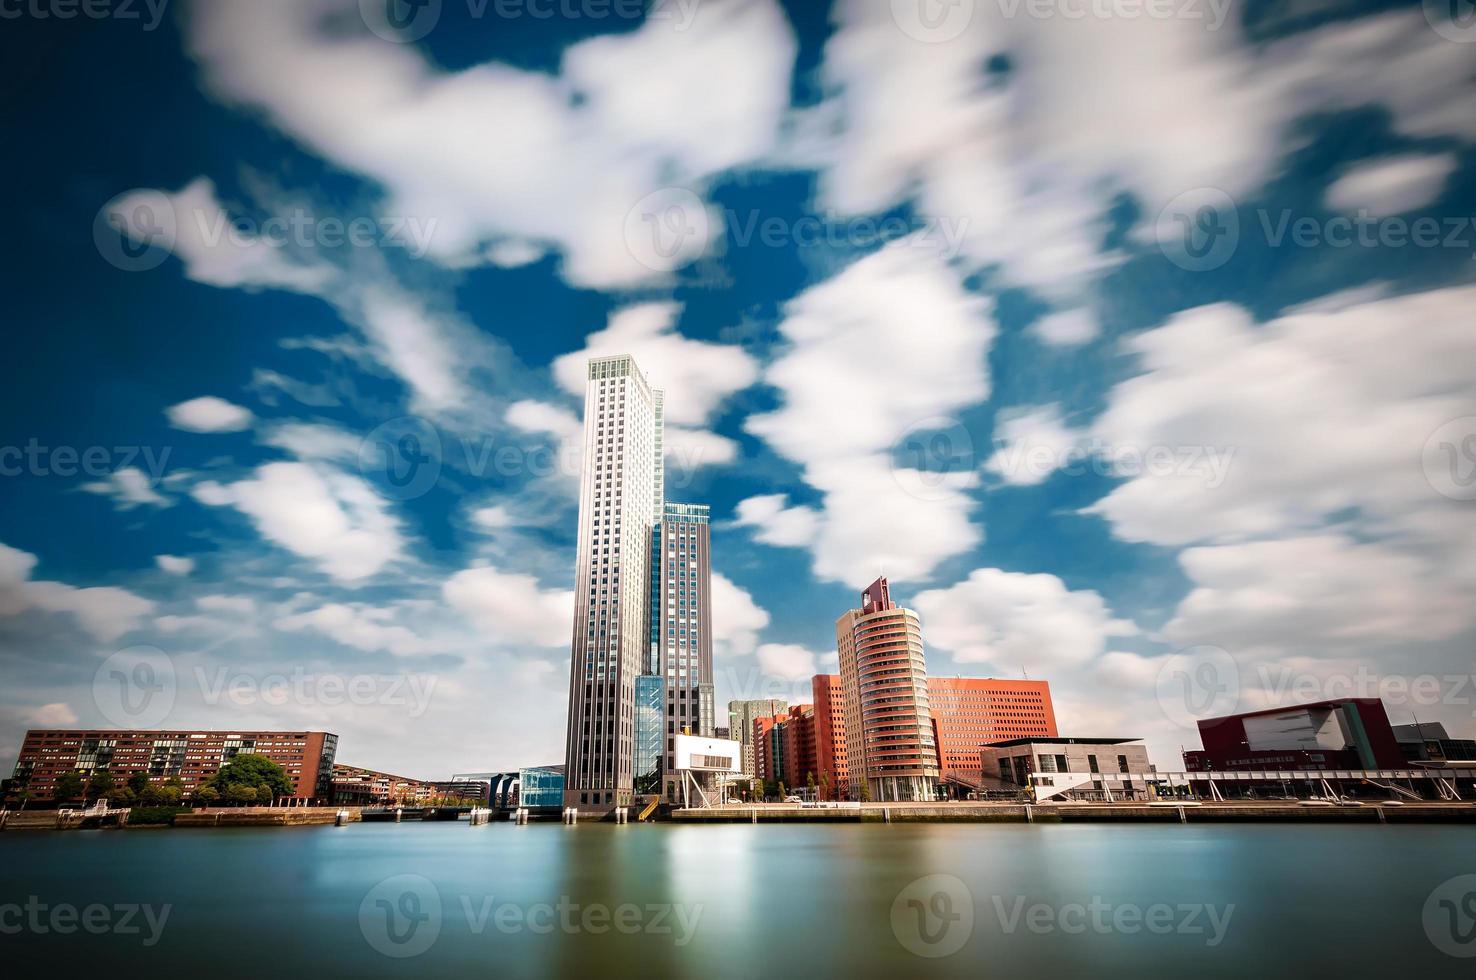 Rotterdam avec un gratte-ciel typique sur l'eau photo